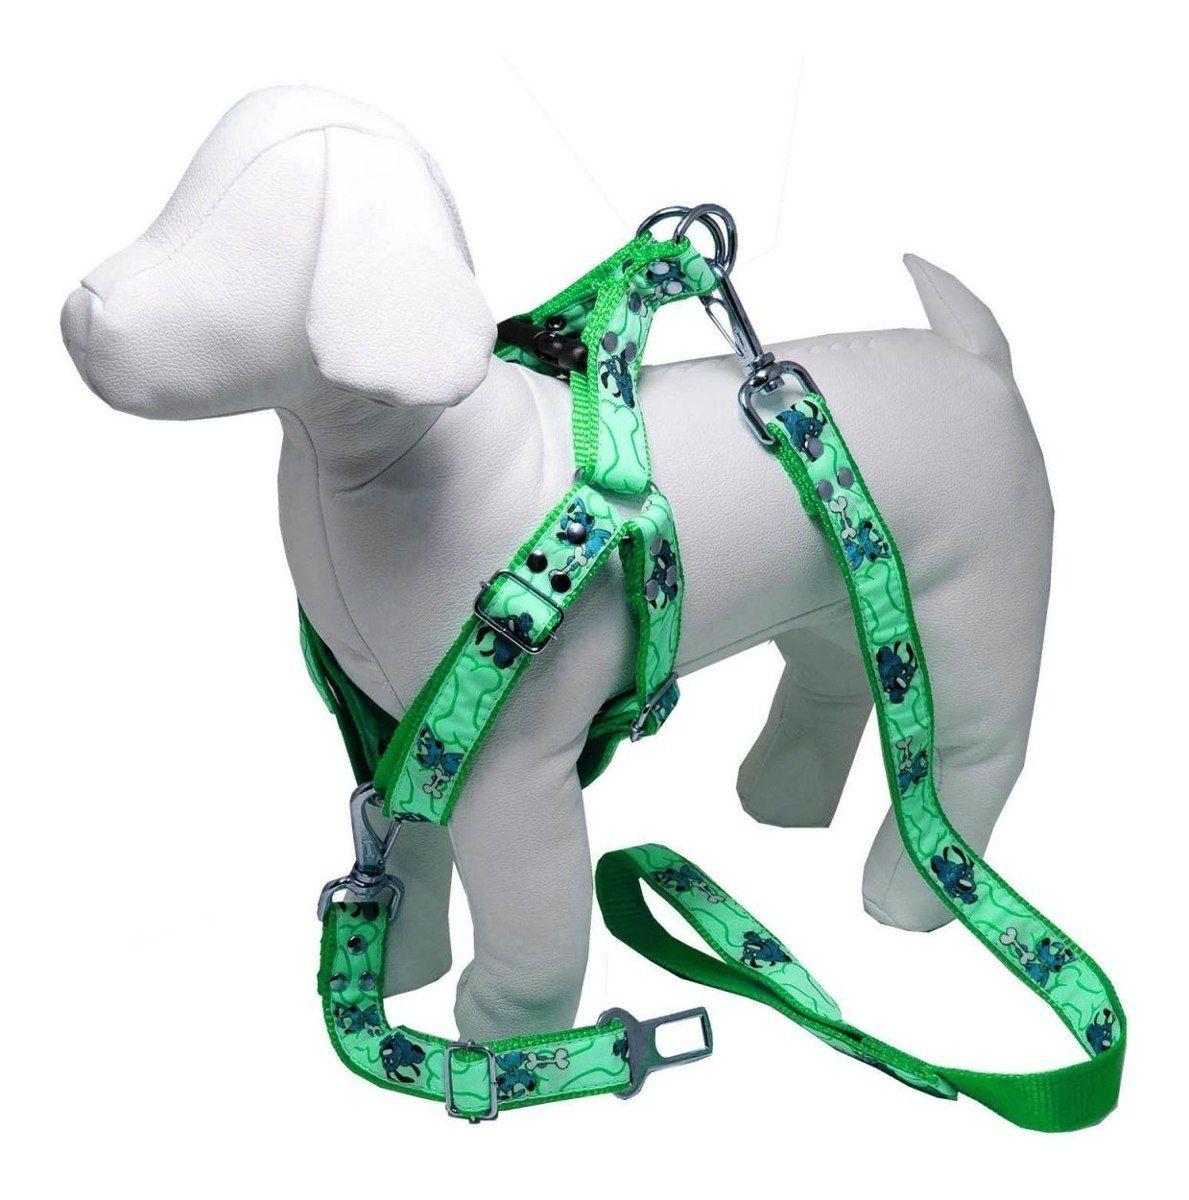 Coleira Peitoral Cachorro Guia Adaptador Cinto Segurança Tamanho P - Cor Verde